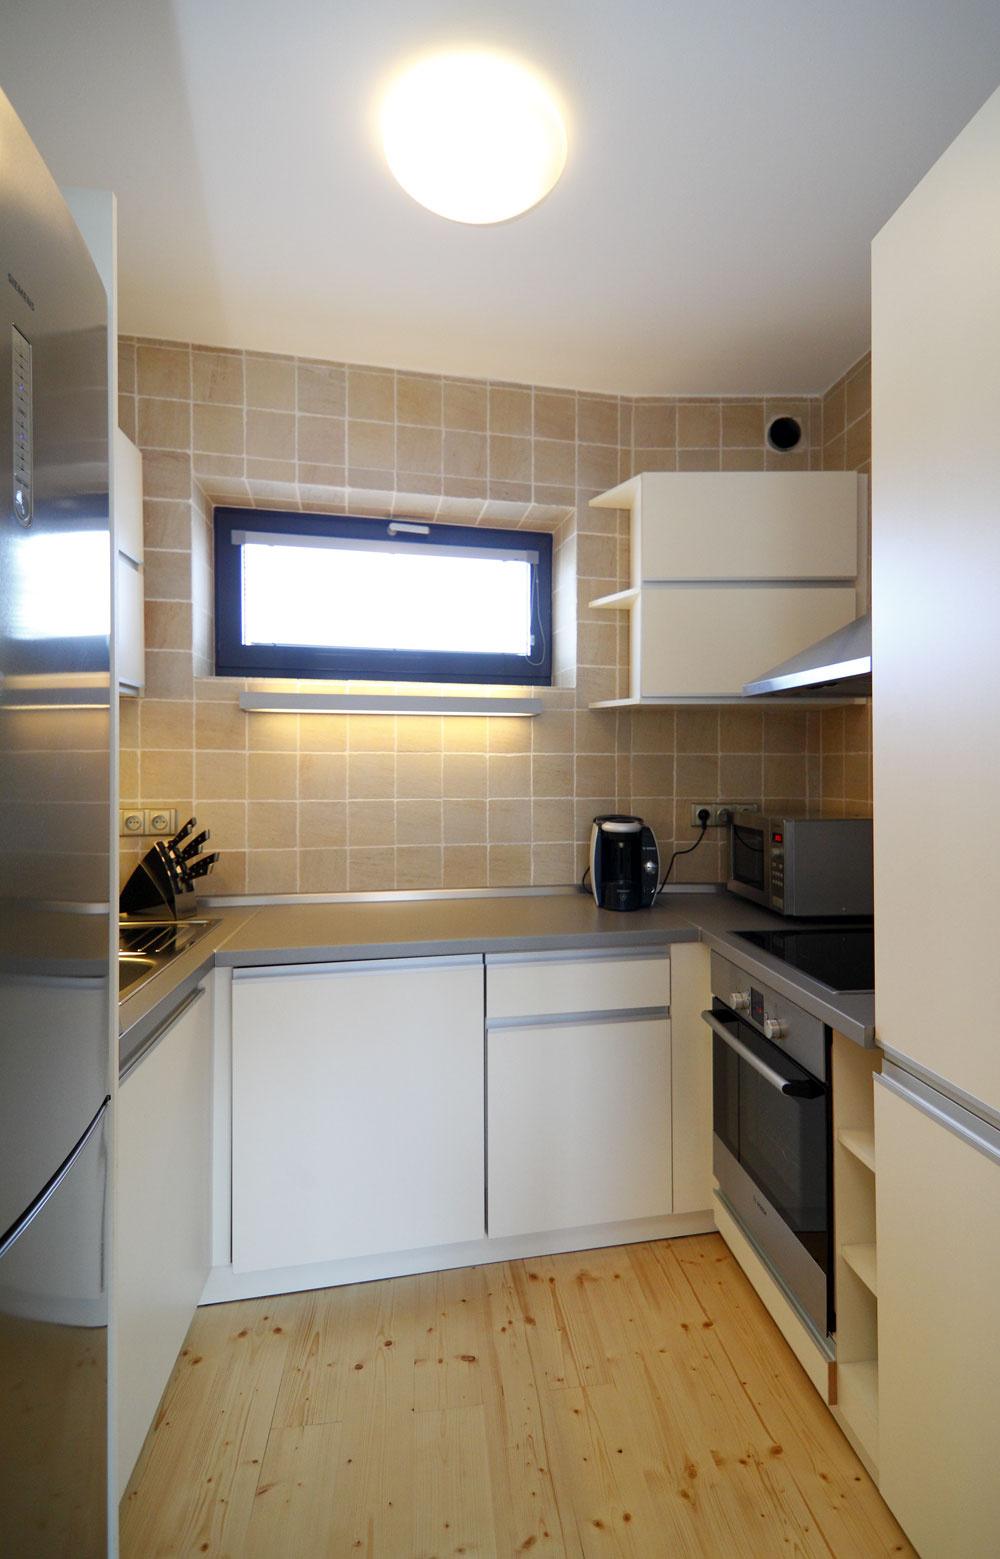 Kuchyňa je malá, ale praktická. Zmestia sa do nej všetky výdobytky techniky, ktoré by mohla moderná gazdiná potrebovať, aby si uľahčila aspríjemnila život.